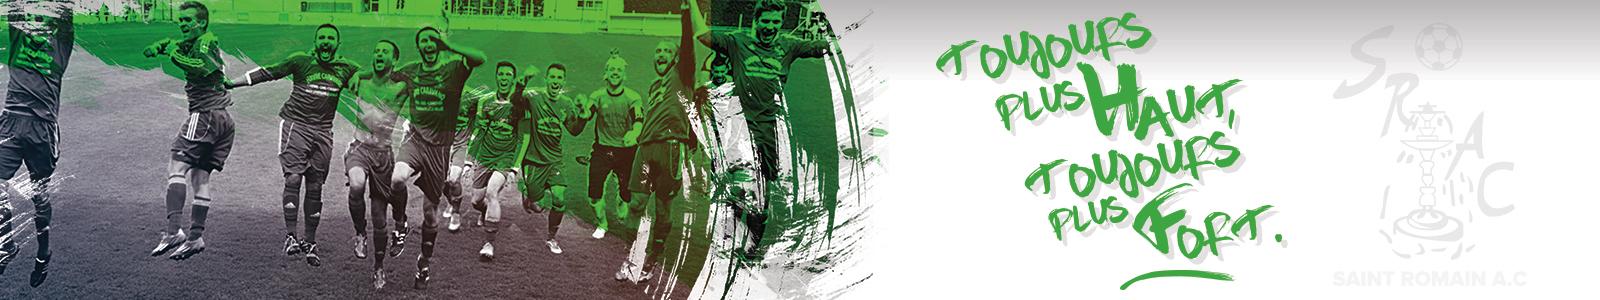 SAINT ROMAIN ATHLÉTIC CLUB ( Club labellisé FFF) : site officiel du club de foot de ST ROMAIN DE COLBOSC - footeo